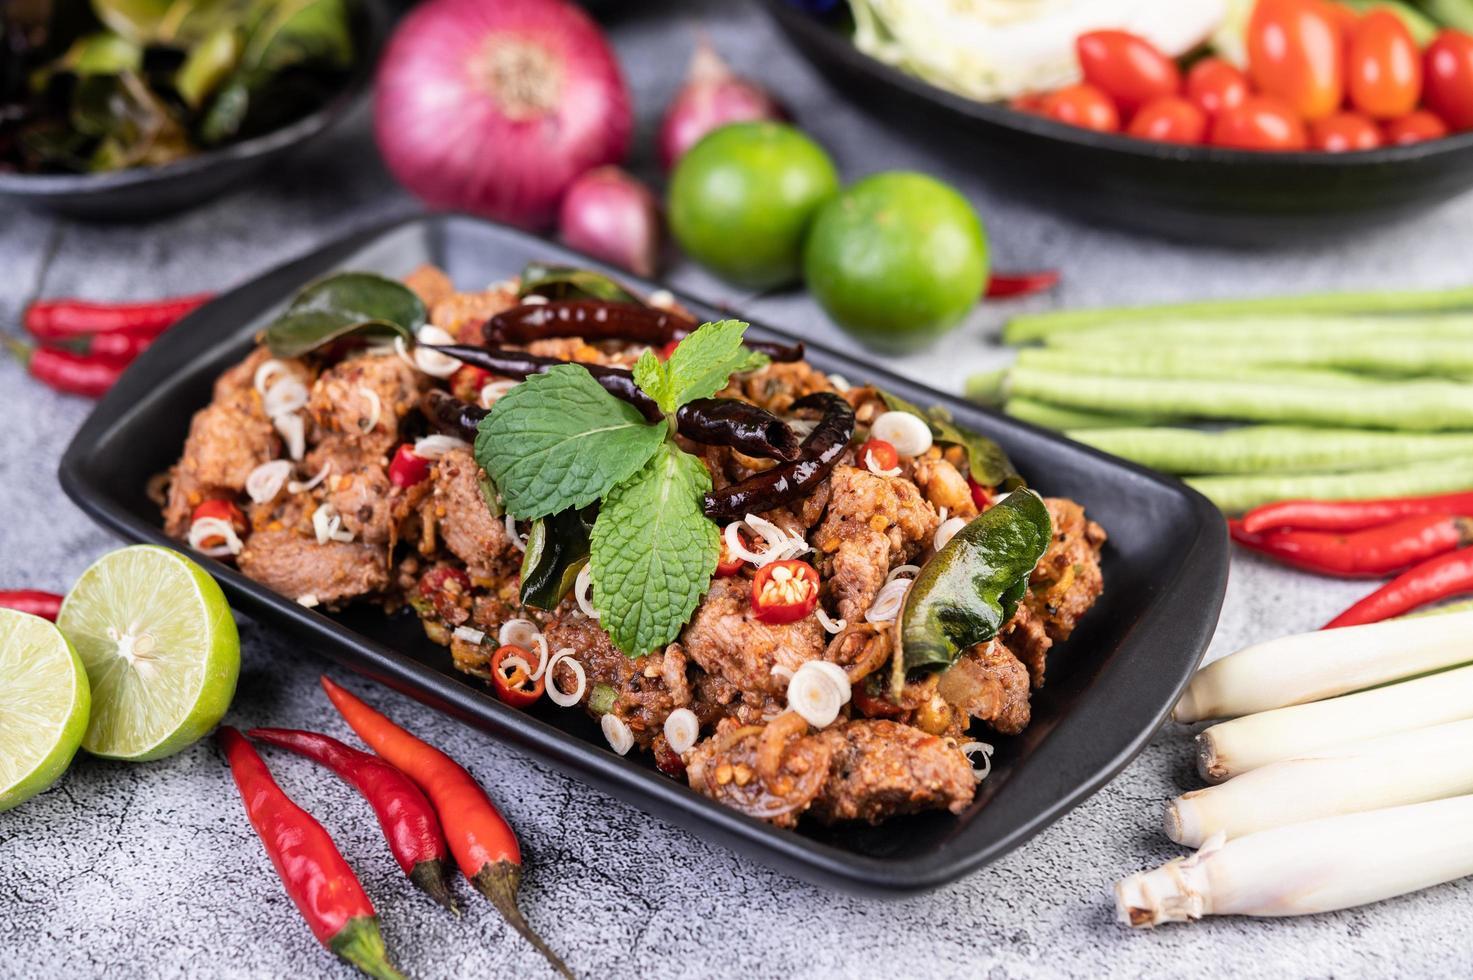 Spicy pork chops photo